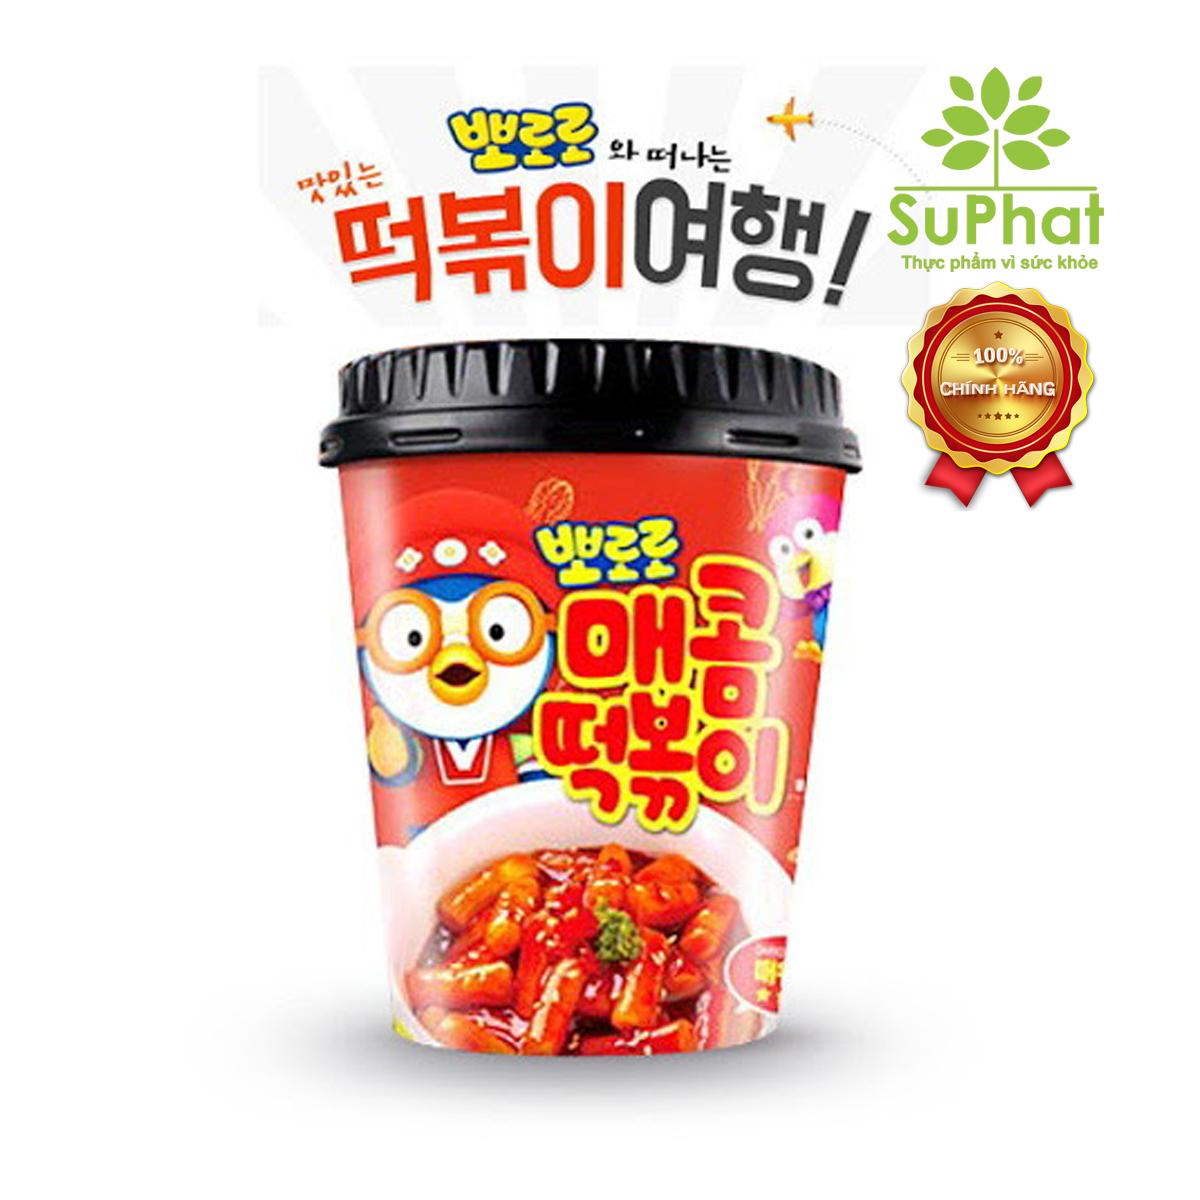 Deal tại Lazada cho Bánh Gạo Tokpokki Pororo Hàn Quốc Vị Sốt Cay [SuPhat Shop]